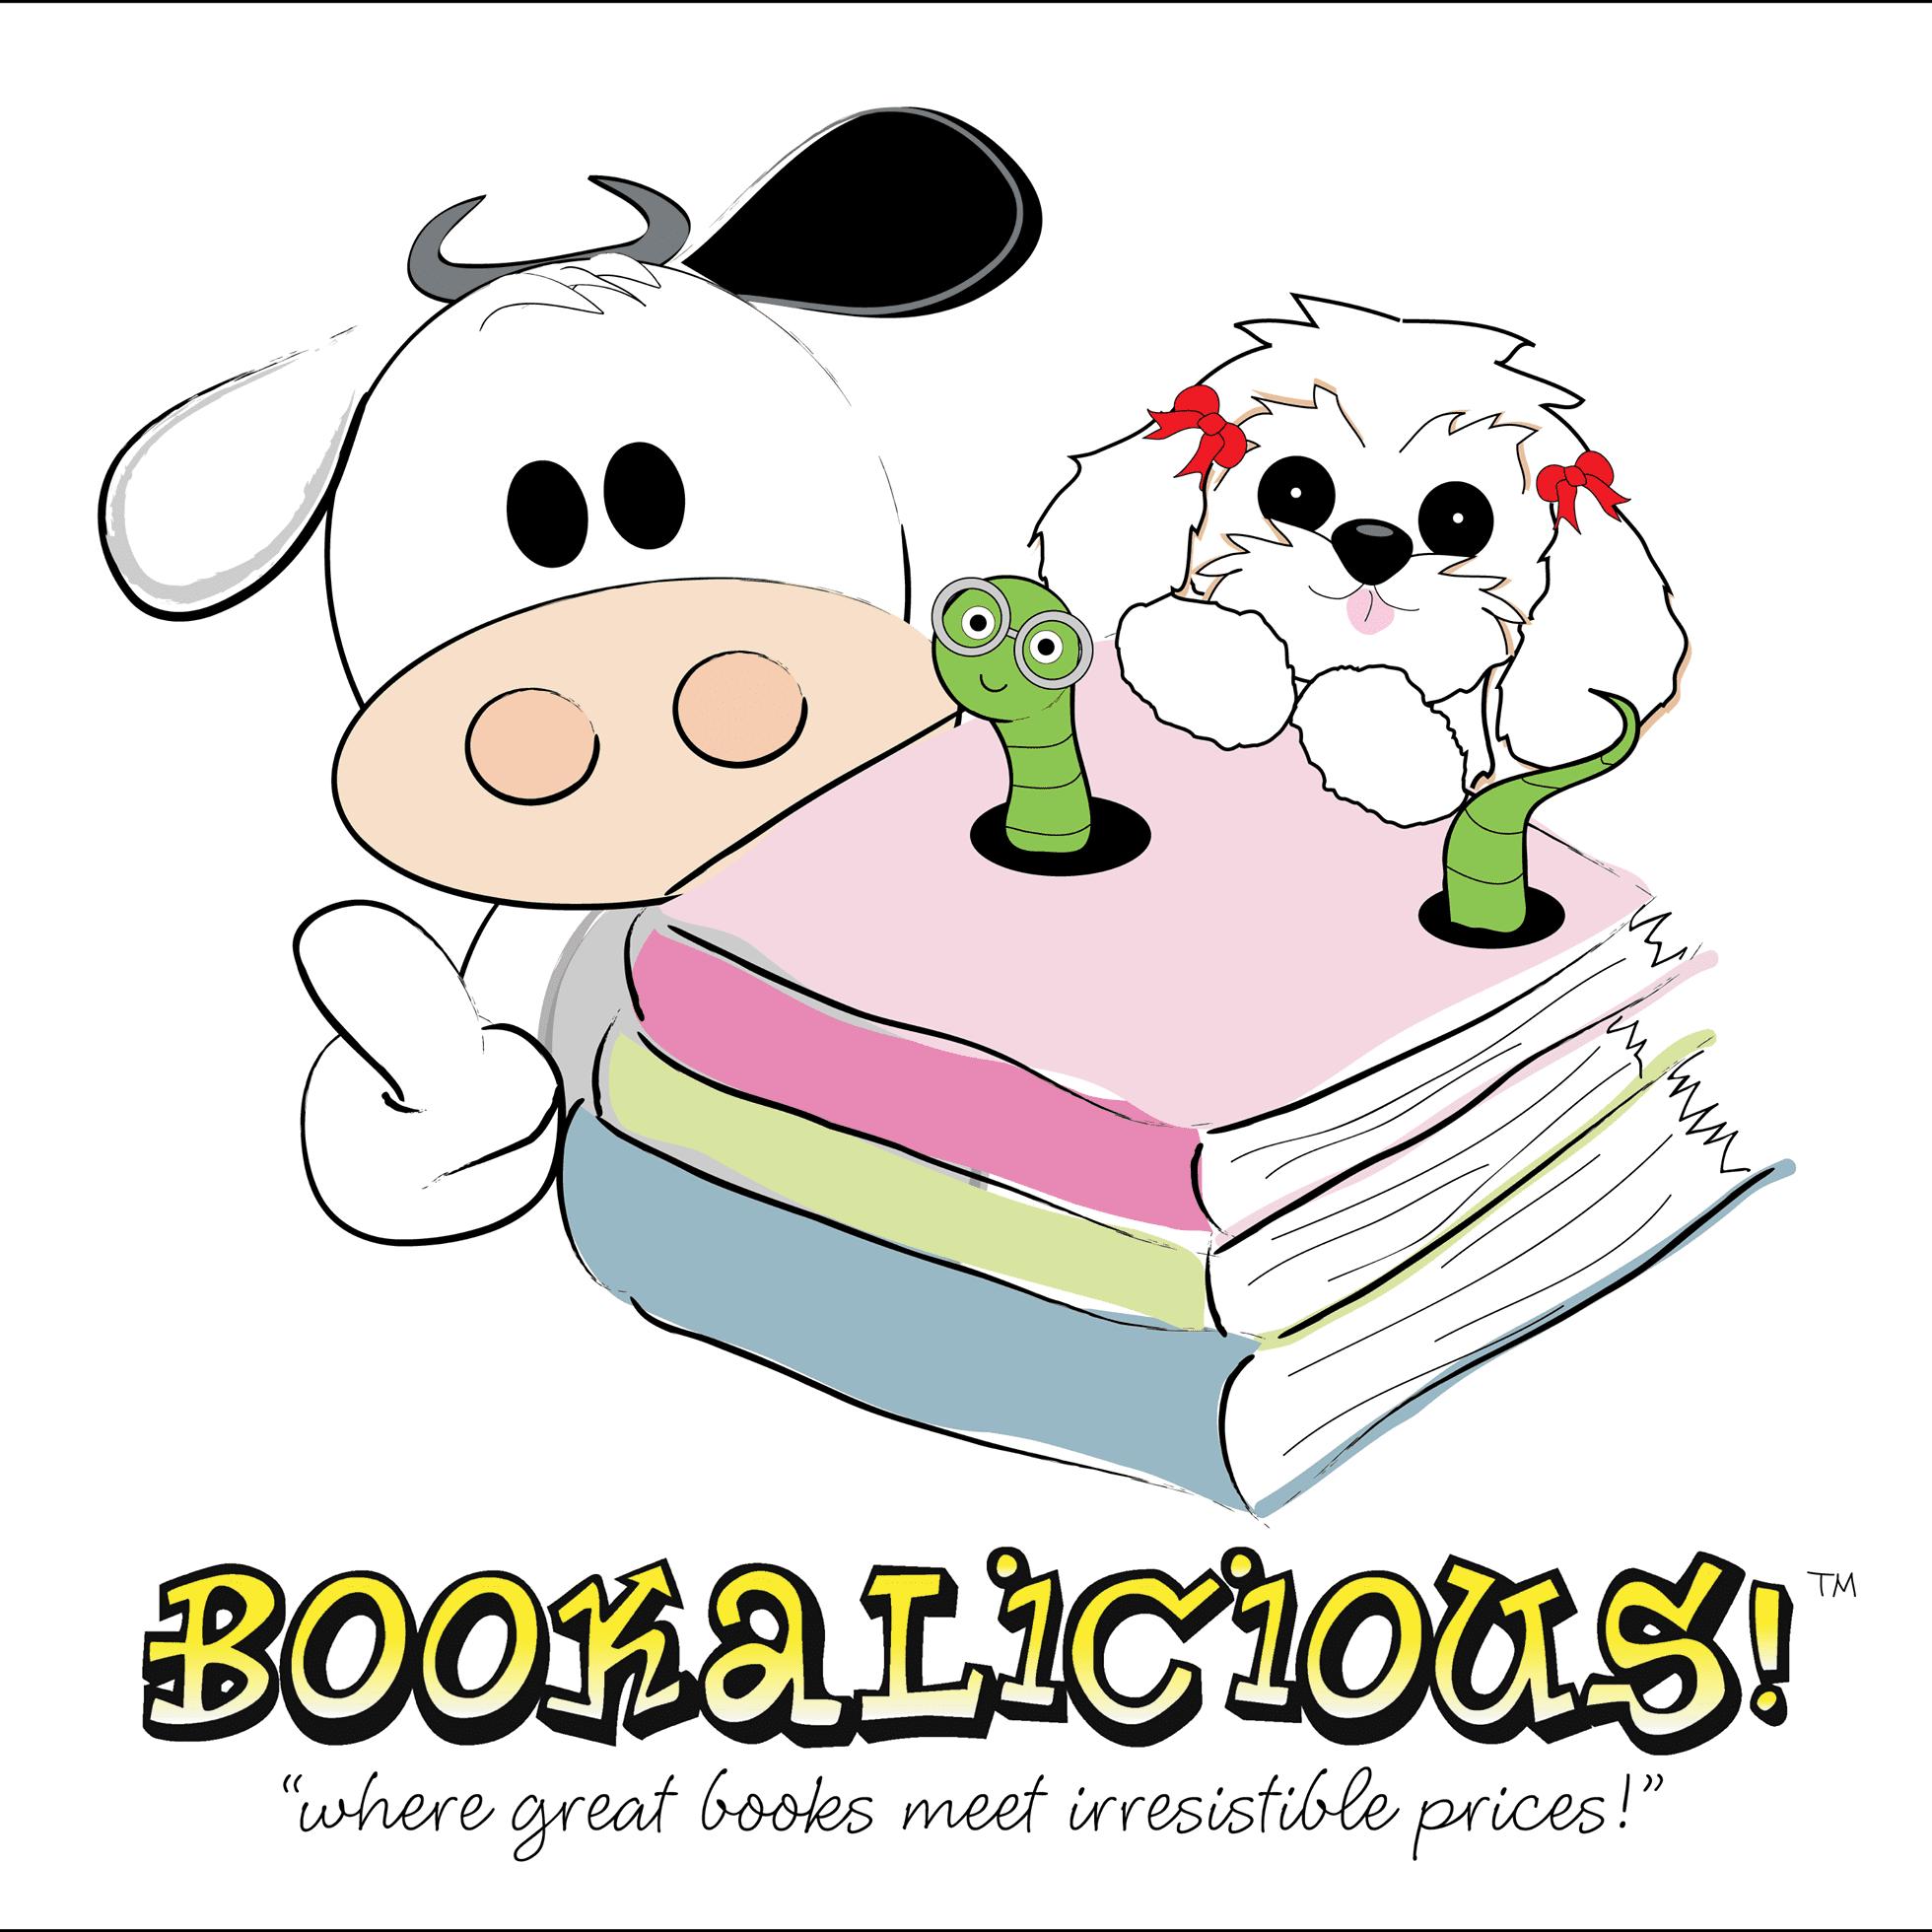 Bookalicious!